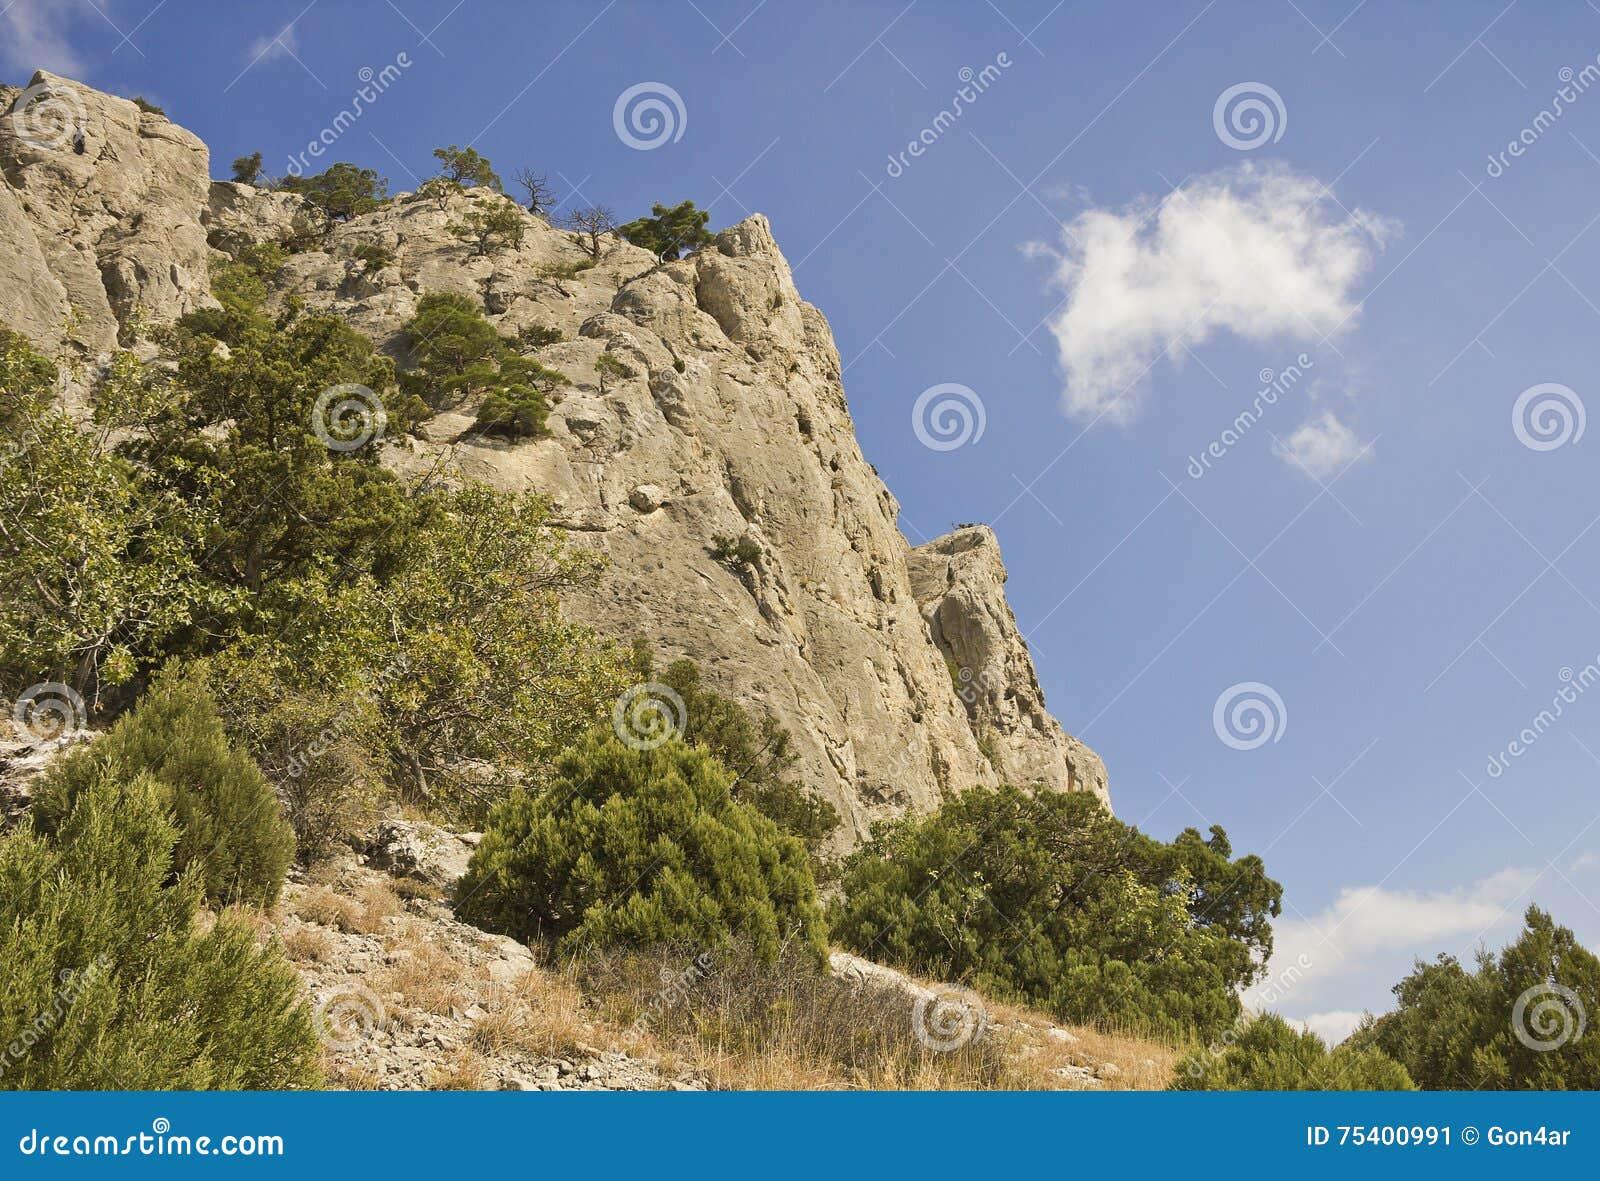 Bergspitzen, überwältigt mit Kiefern und Wacholderbusch